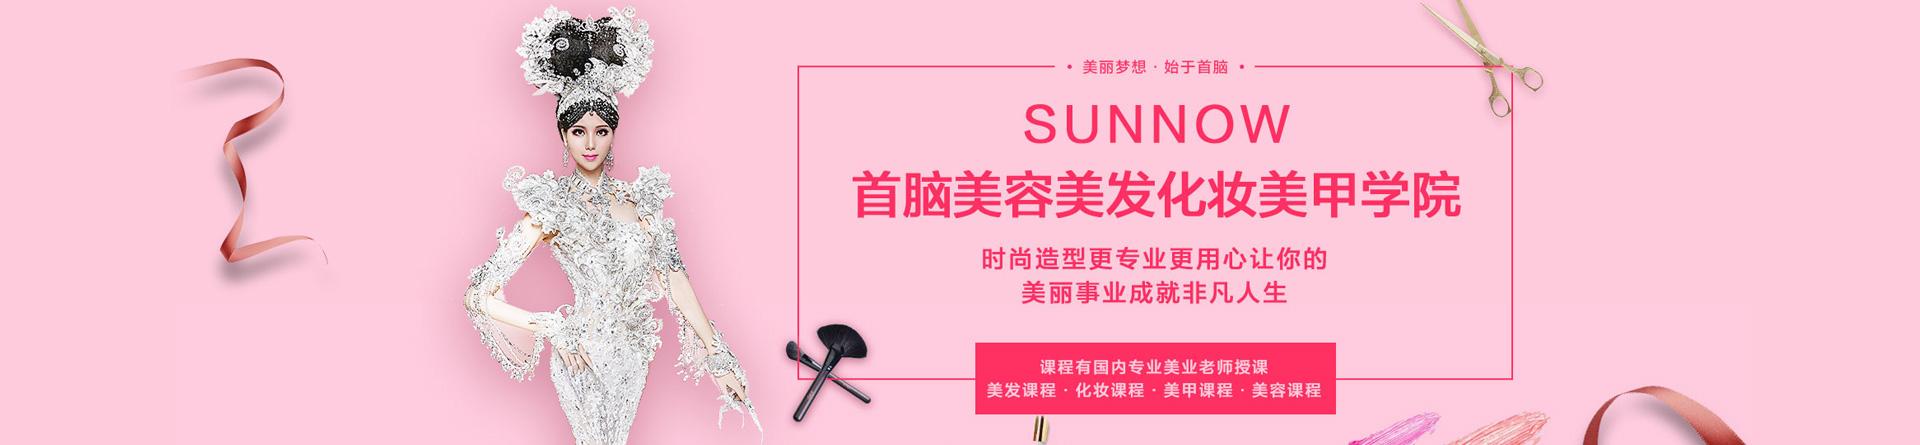 深圳首脑美容美发化妆美甲betway体育app学校 横幅广告